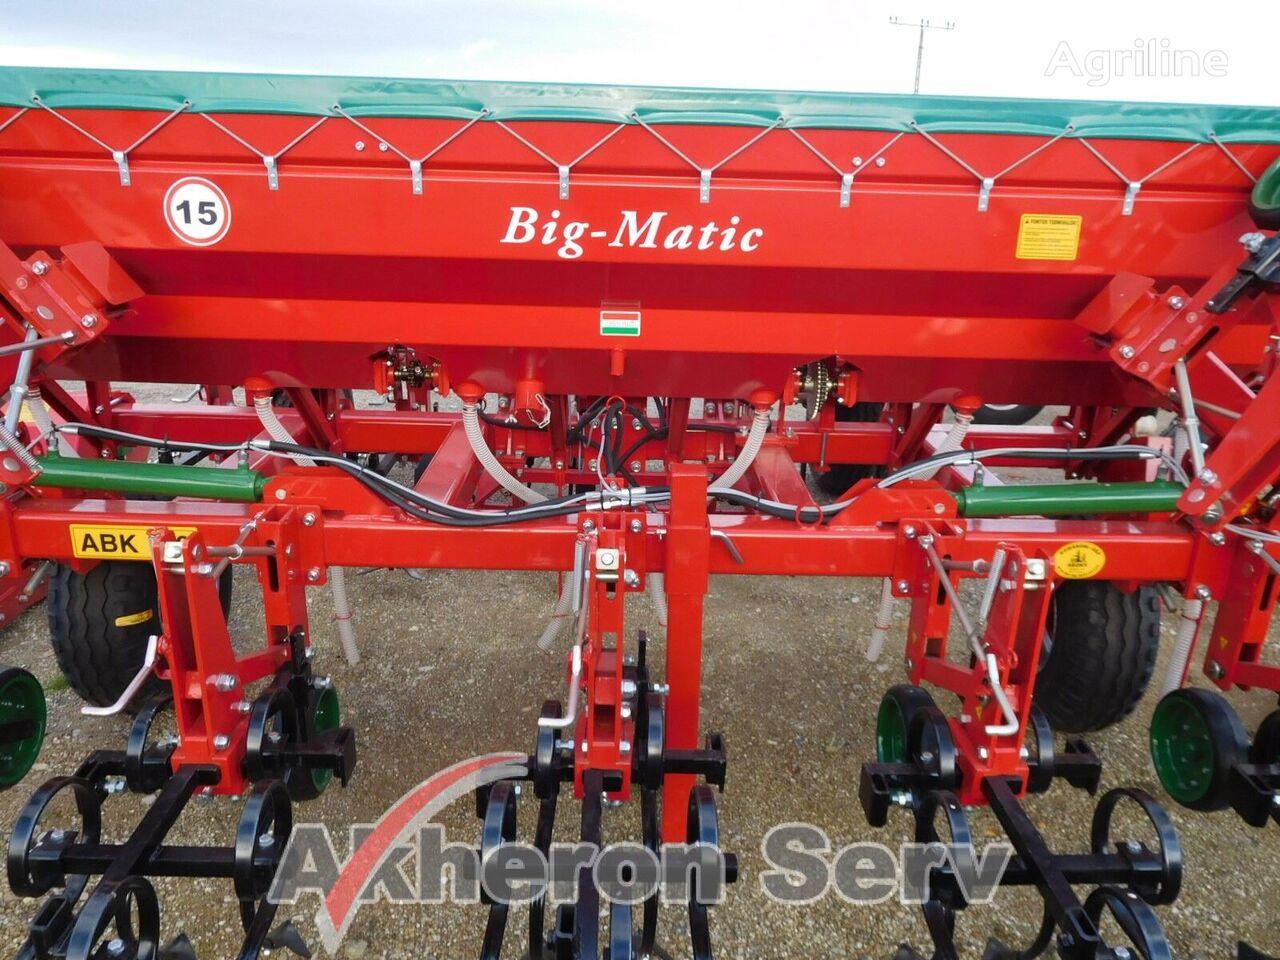 distribuitor de îngrăşăminte Cultivator/prășitoare cu fertilizare ABK 116-Big-Matic-standard/